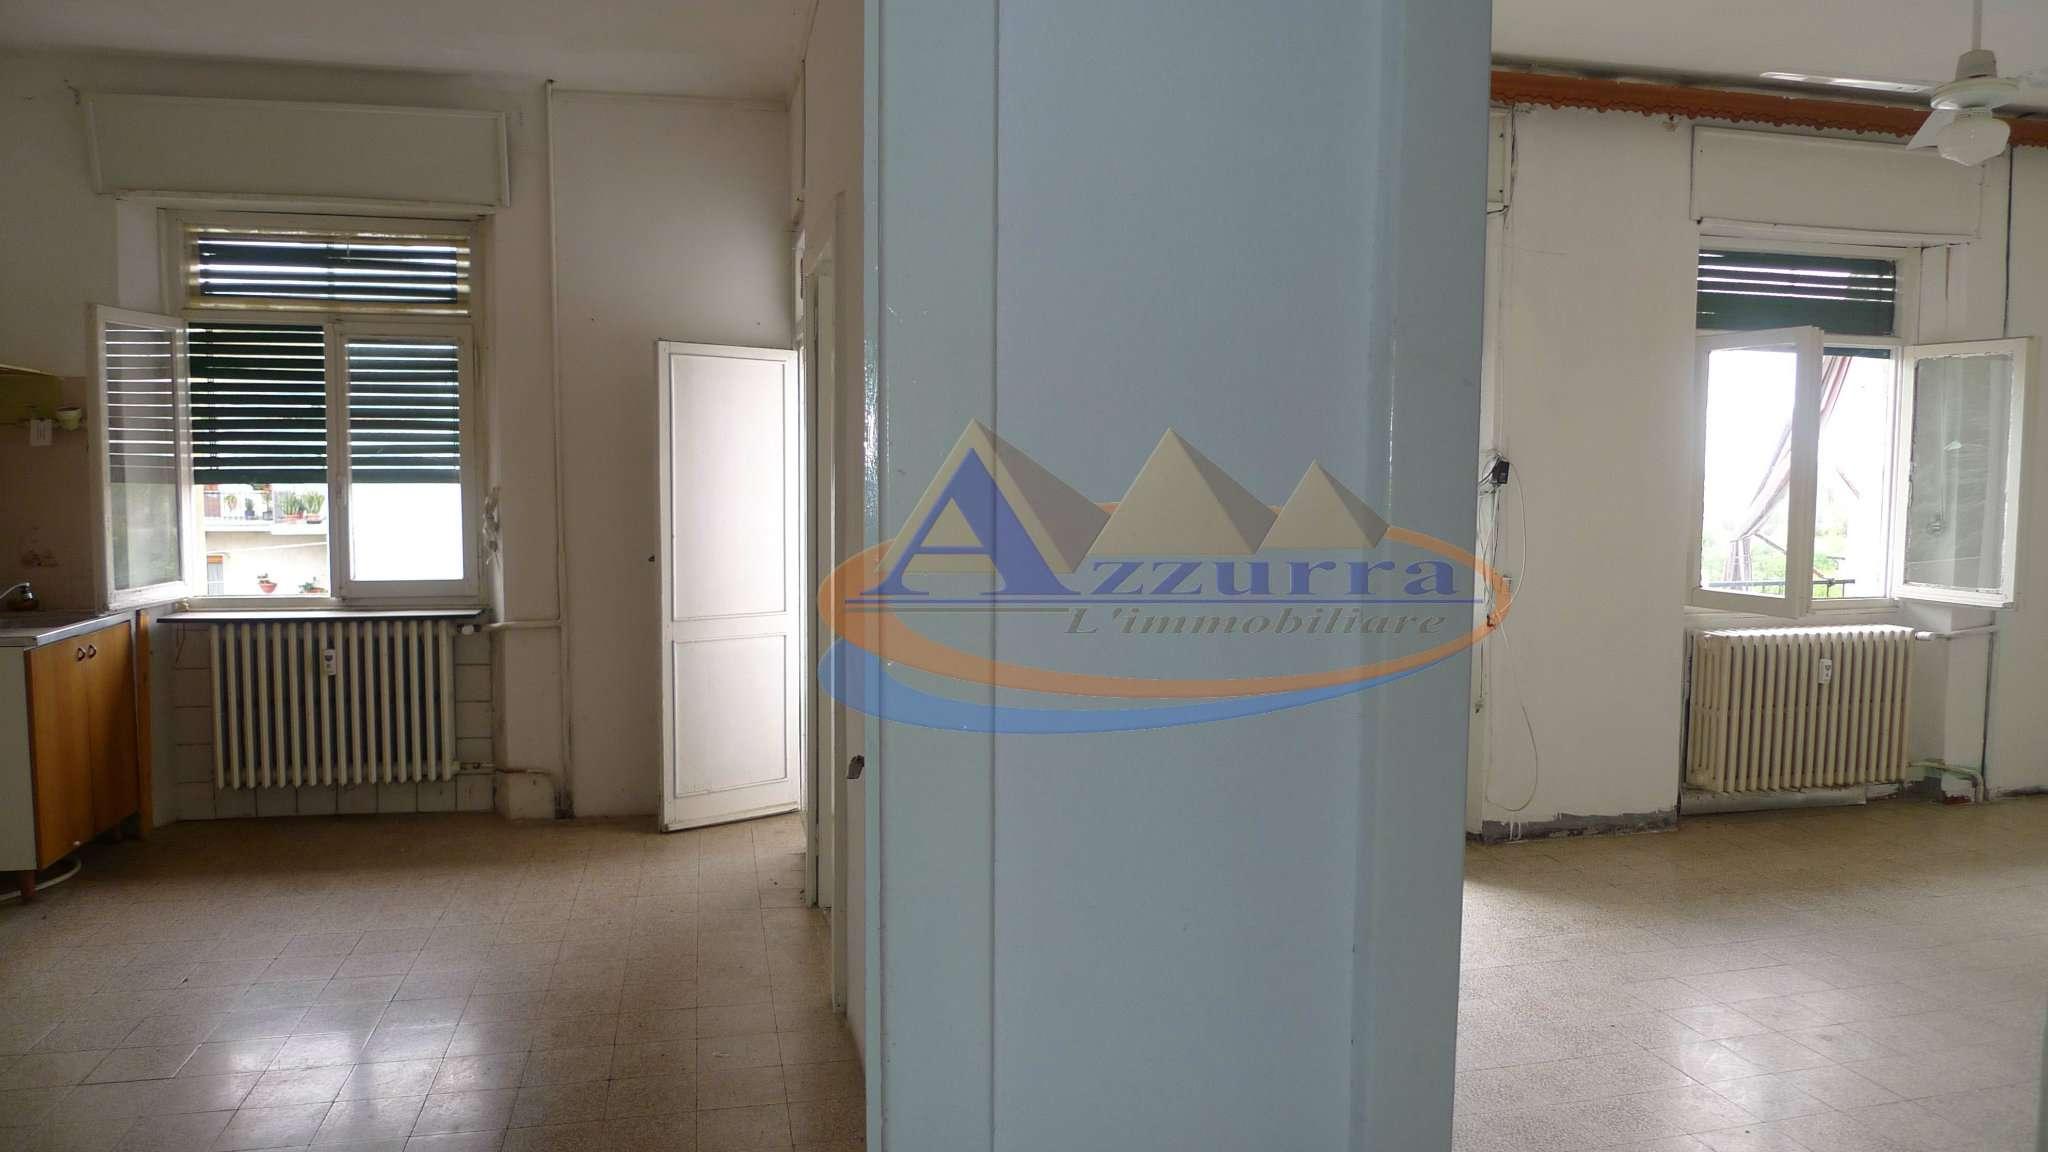 Appartamento in vendita a Frugarolo, 4 locali, prezzo € 19.000 | CambioCasa.it